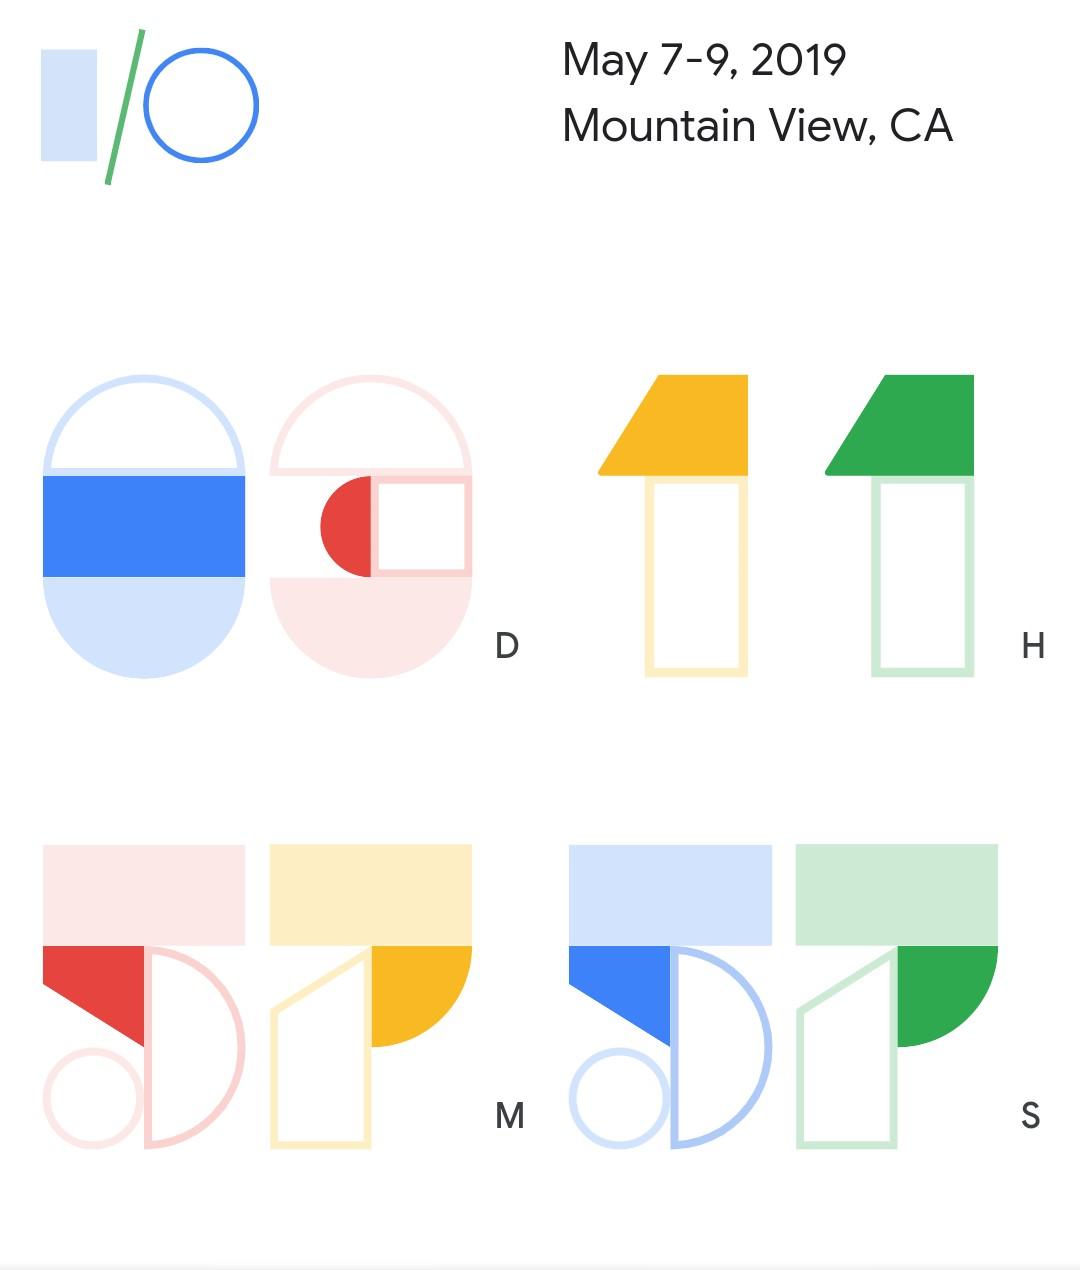 Google Developer Conference 2019